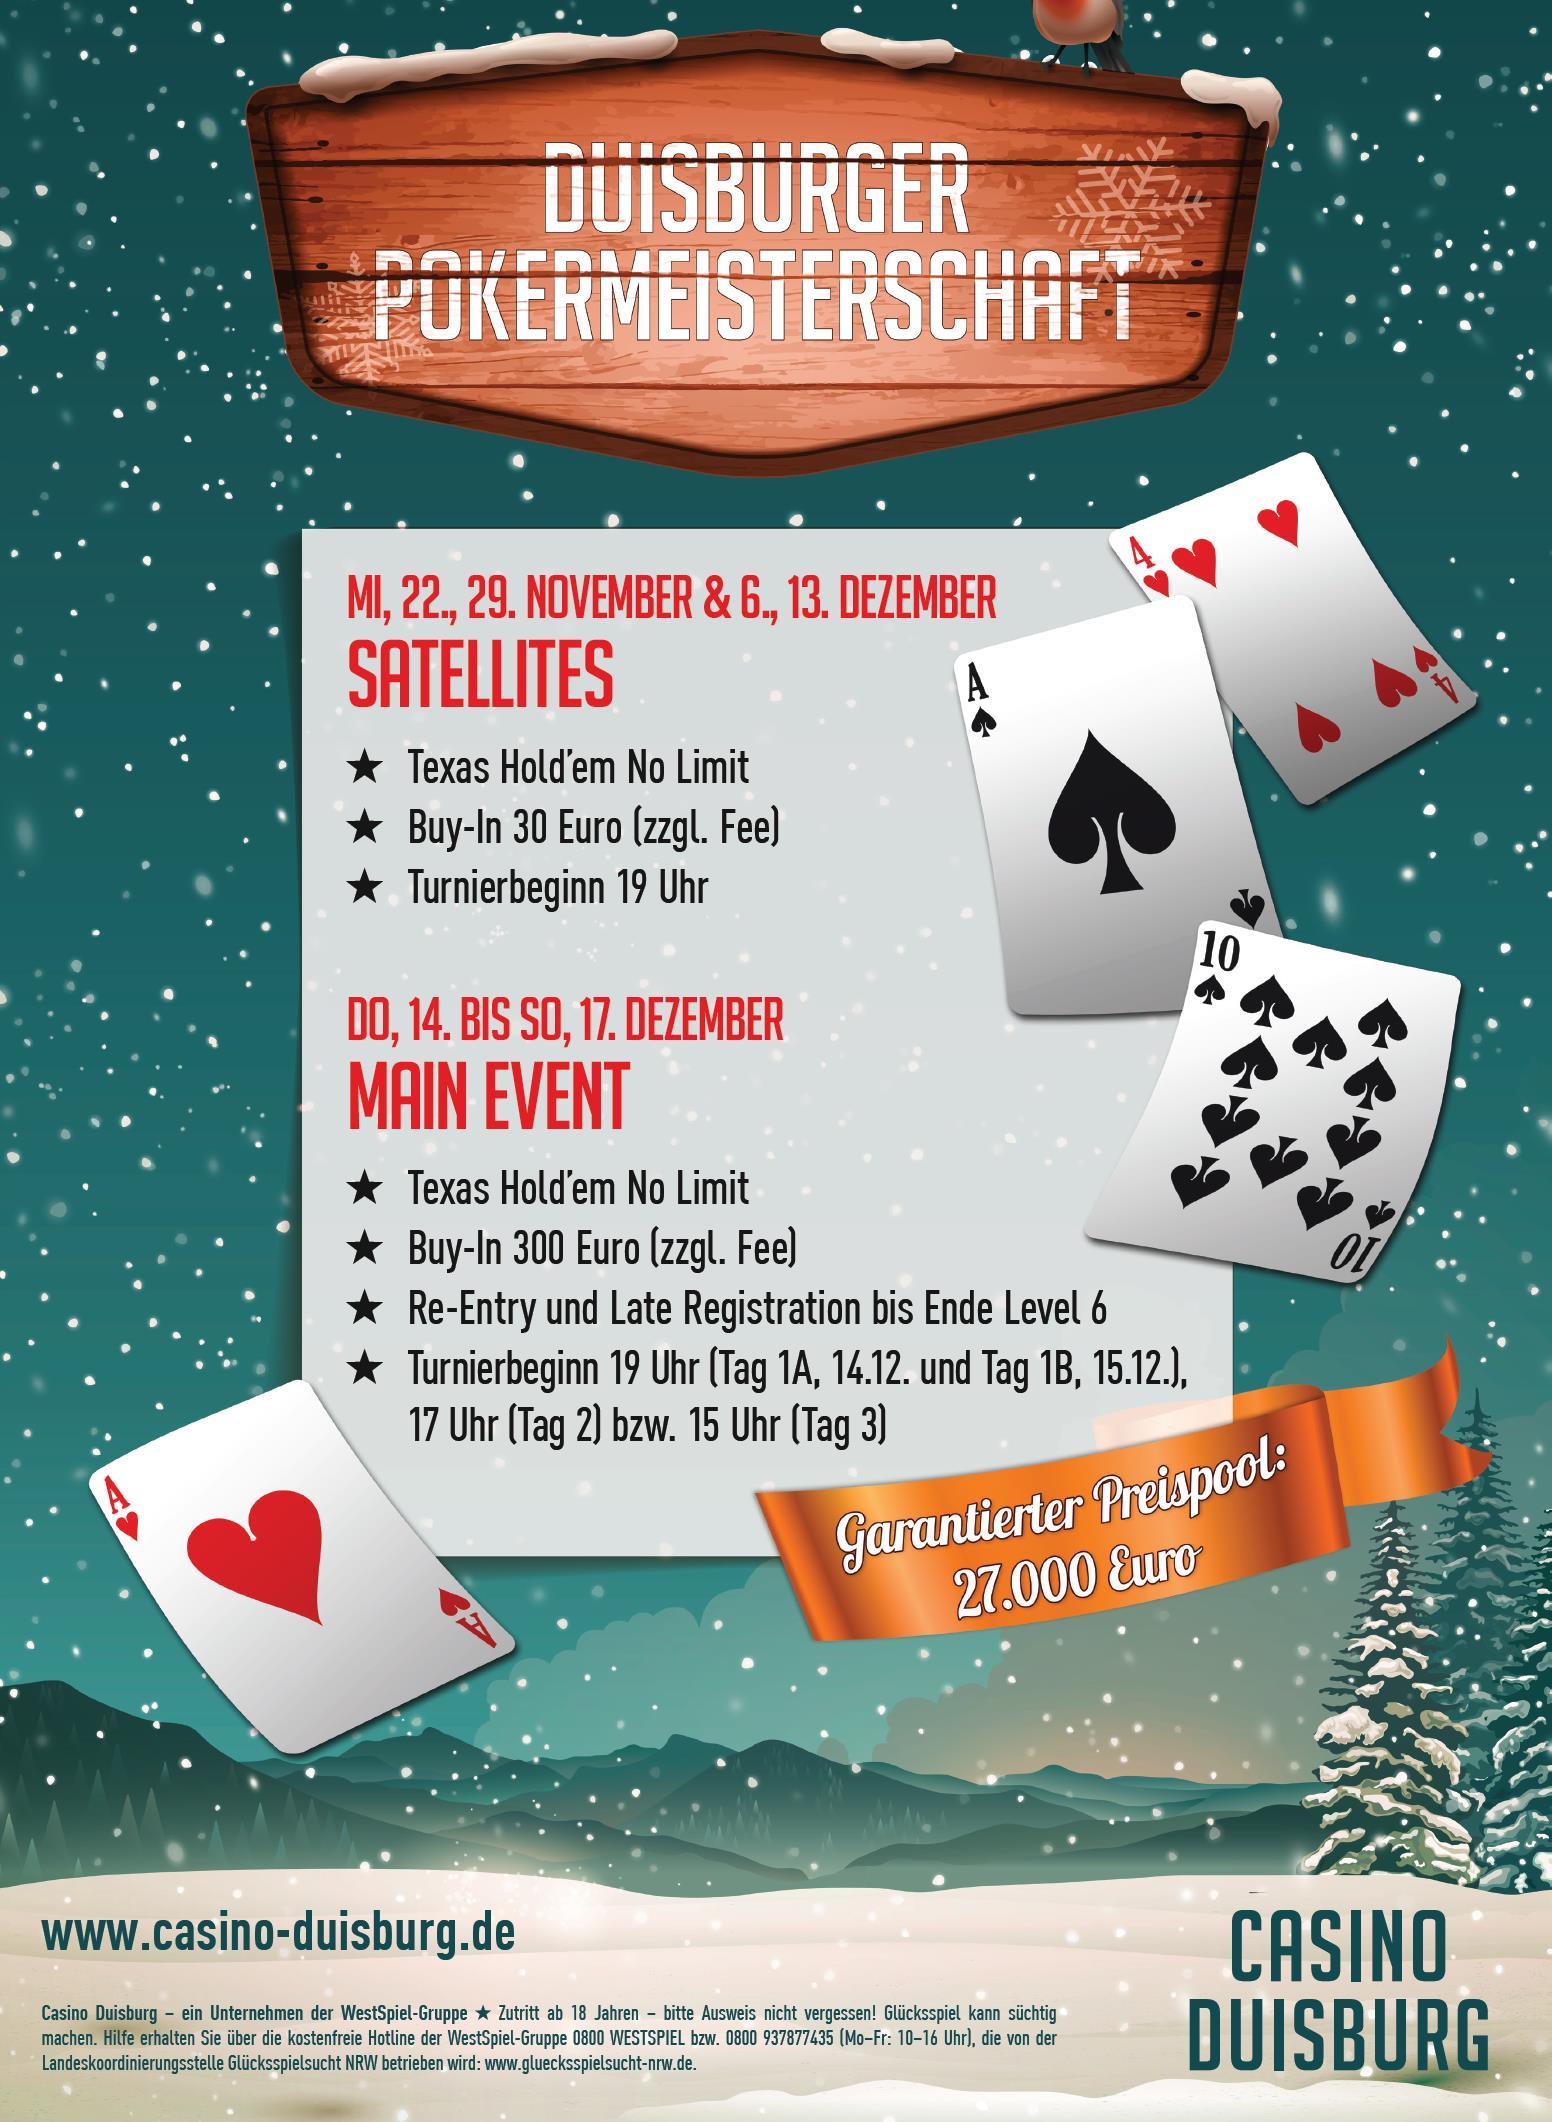 Duisburger Poker Meisterschaft